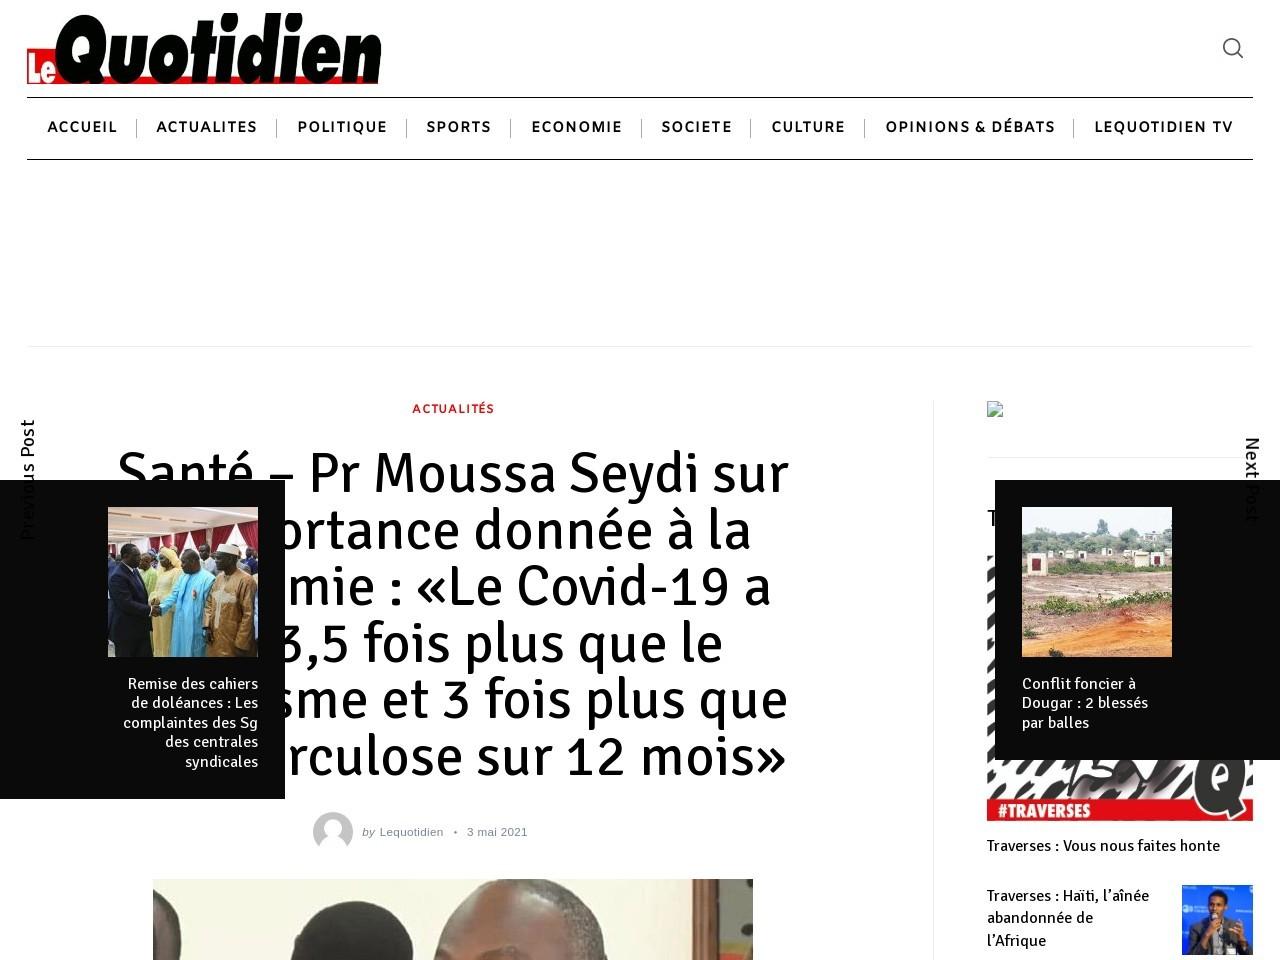 Santé - Pr Moussa Seydi sur l'importance donnée à la pandémie : «Le Covid-19 a tué 3,5 fois plus que le paludisme et 3 fois plus que la tuberculose sur 12 mois» - Lequotidien - Journal d'information Générale